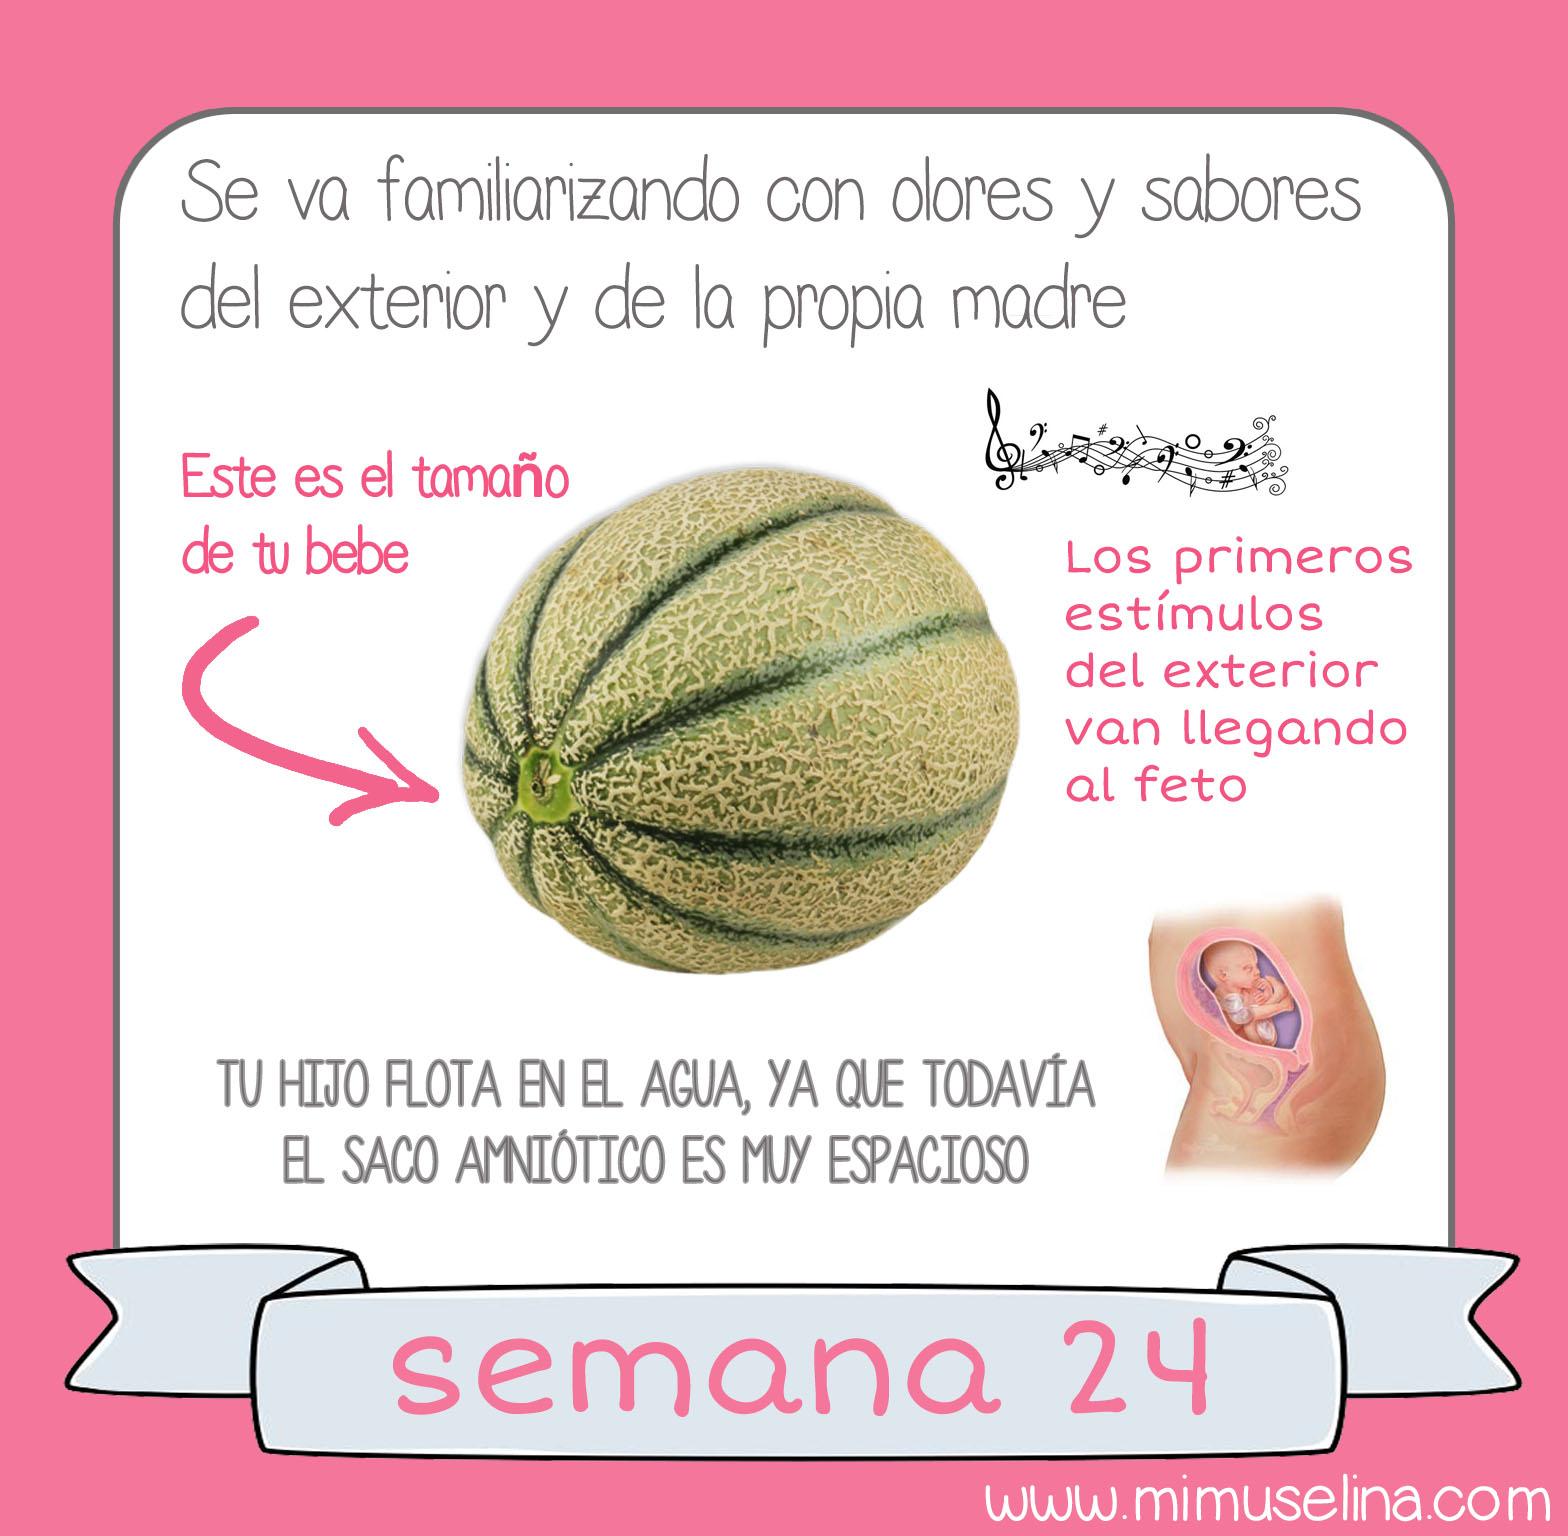 152501ee8 BebeBlog by mimuselina  Semana 24 embarazo. Tamaño y evolución del ...